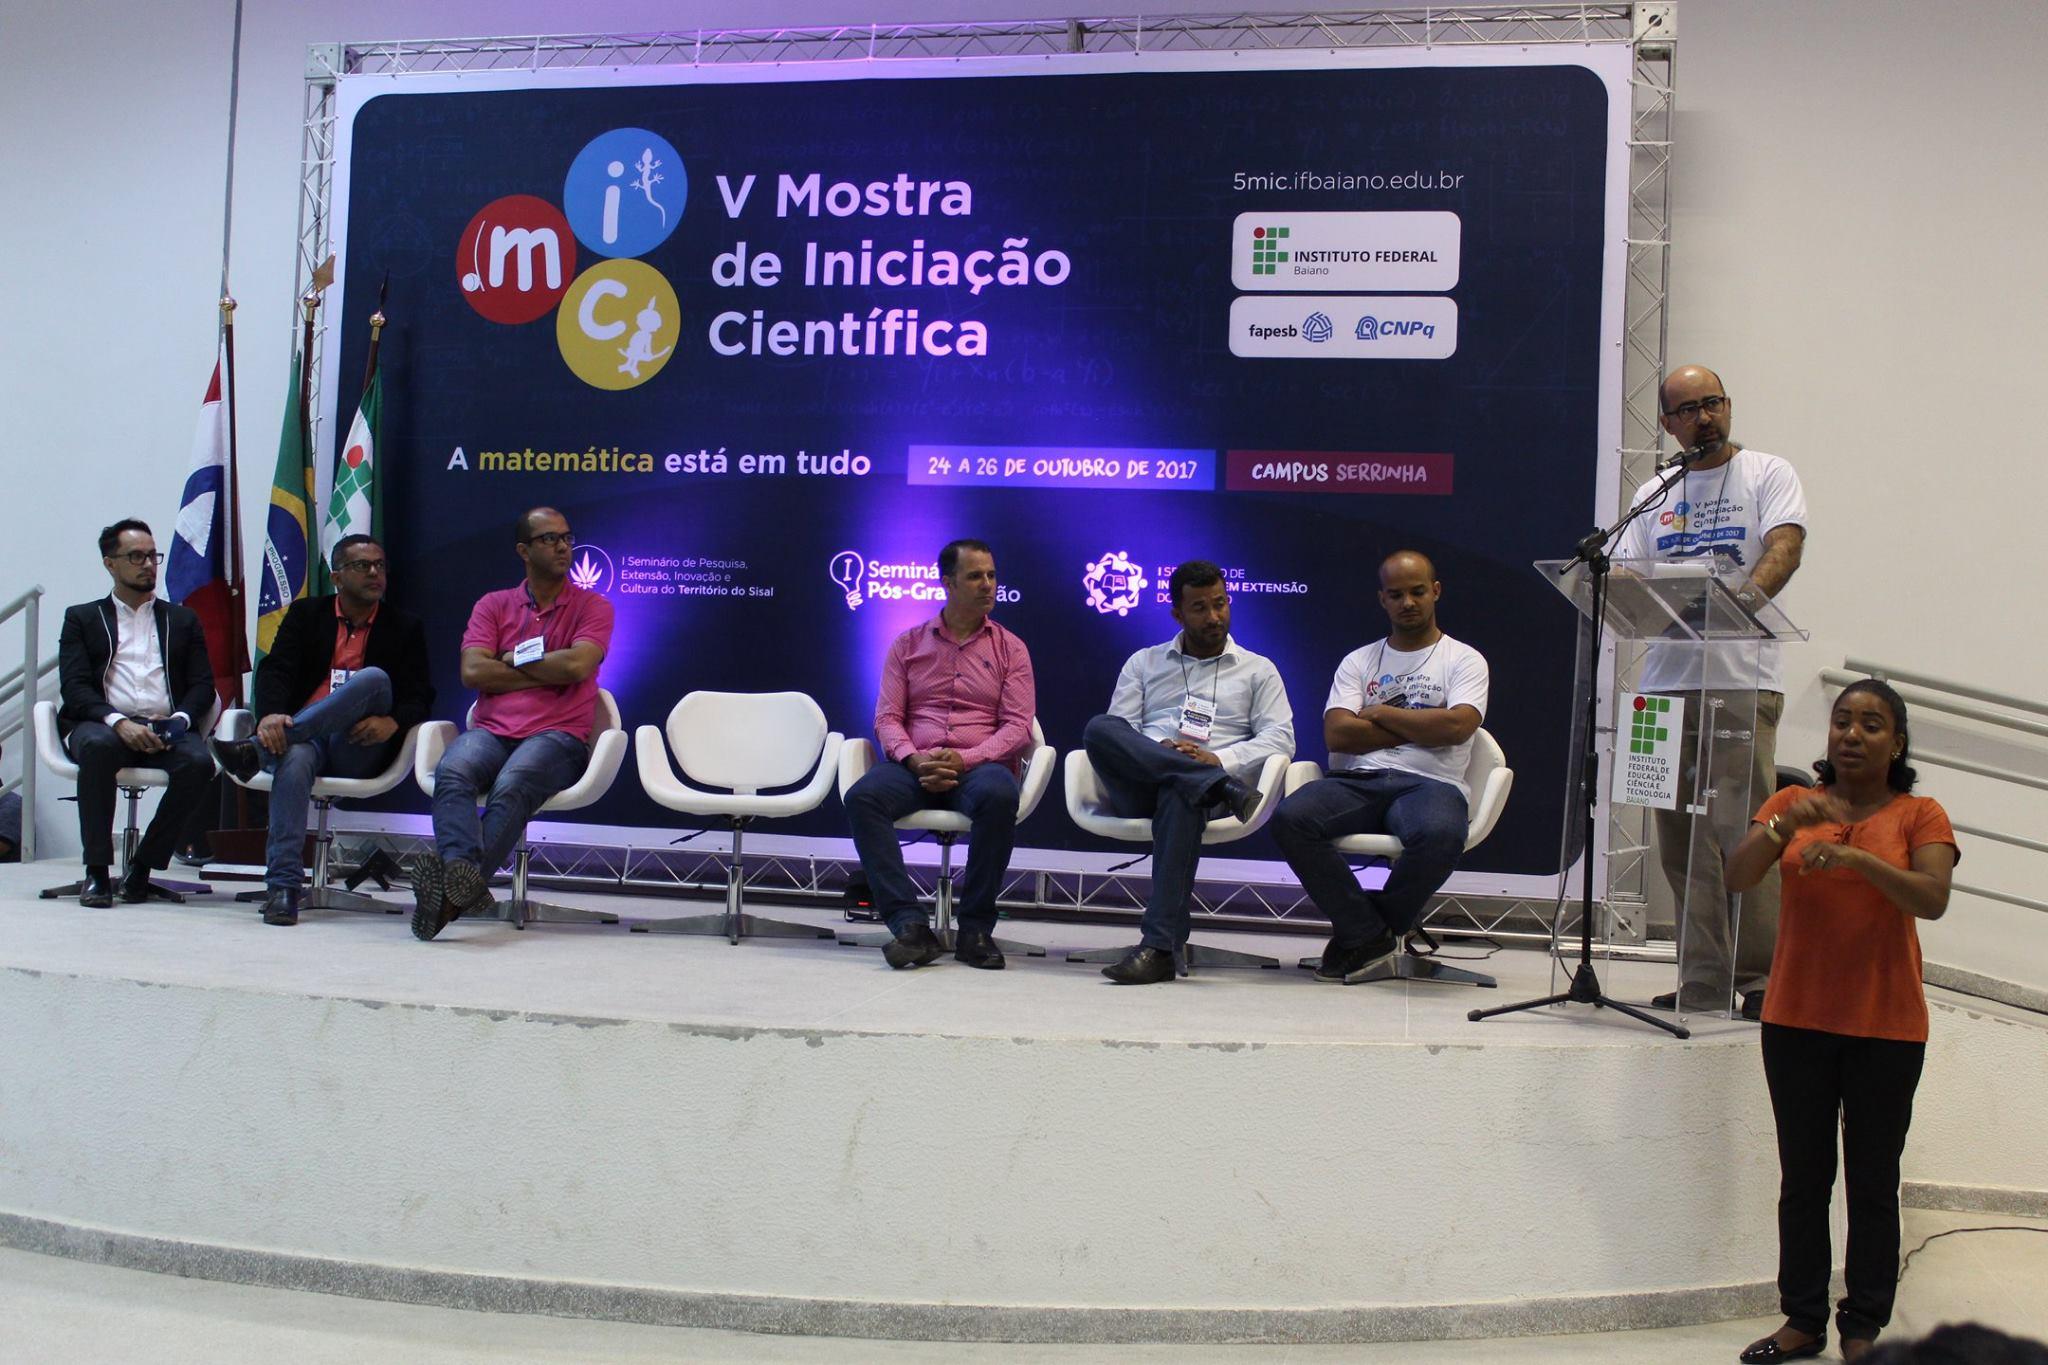 Cerimônia da abertura da V Mostra de Iniciação Científica. Foto: Larissa Queiroz.